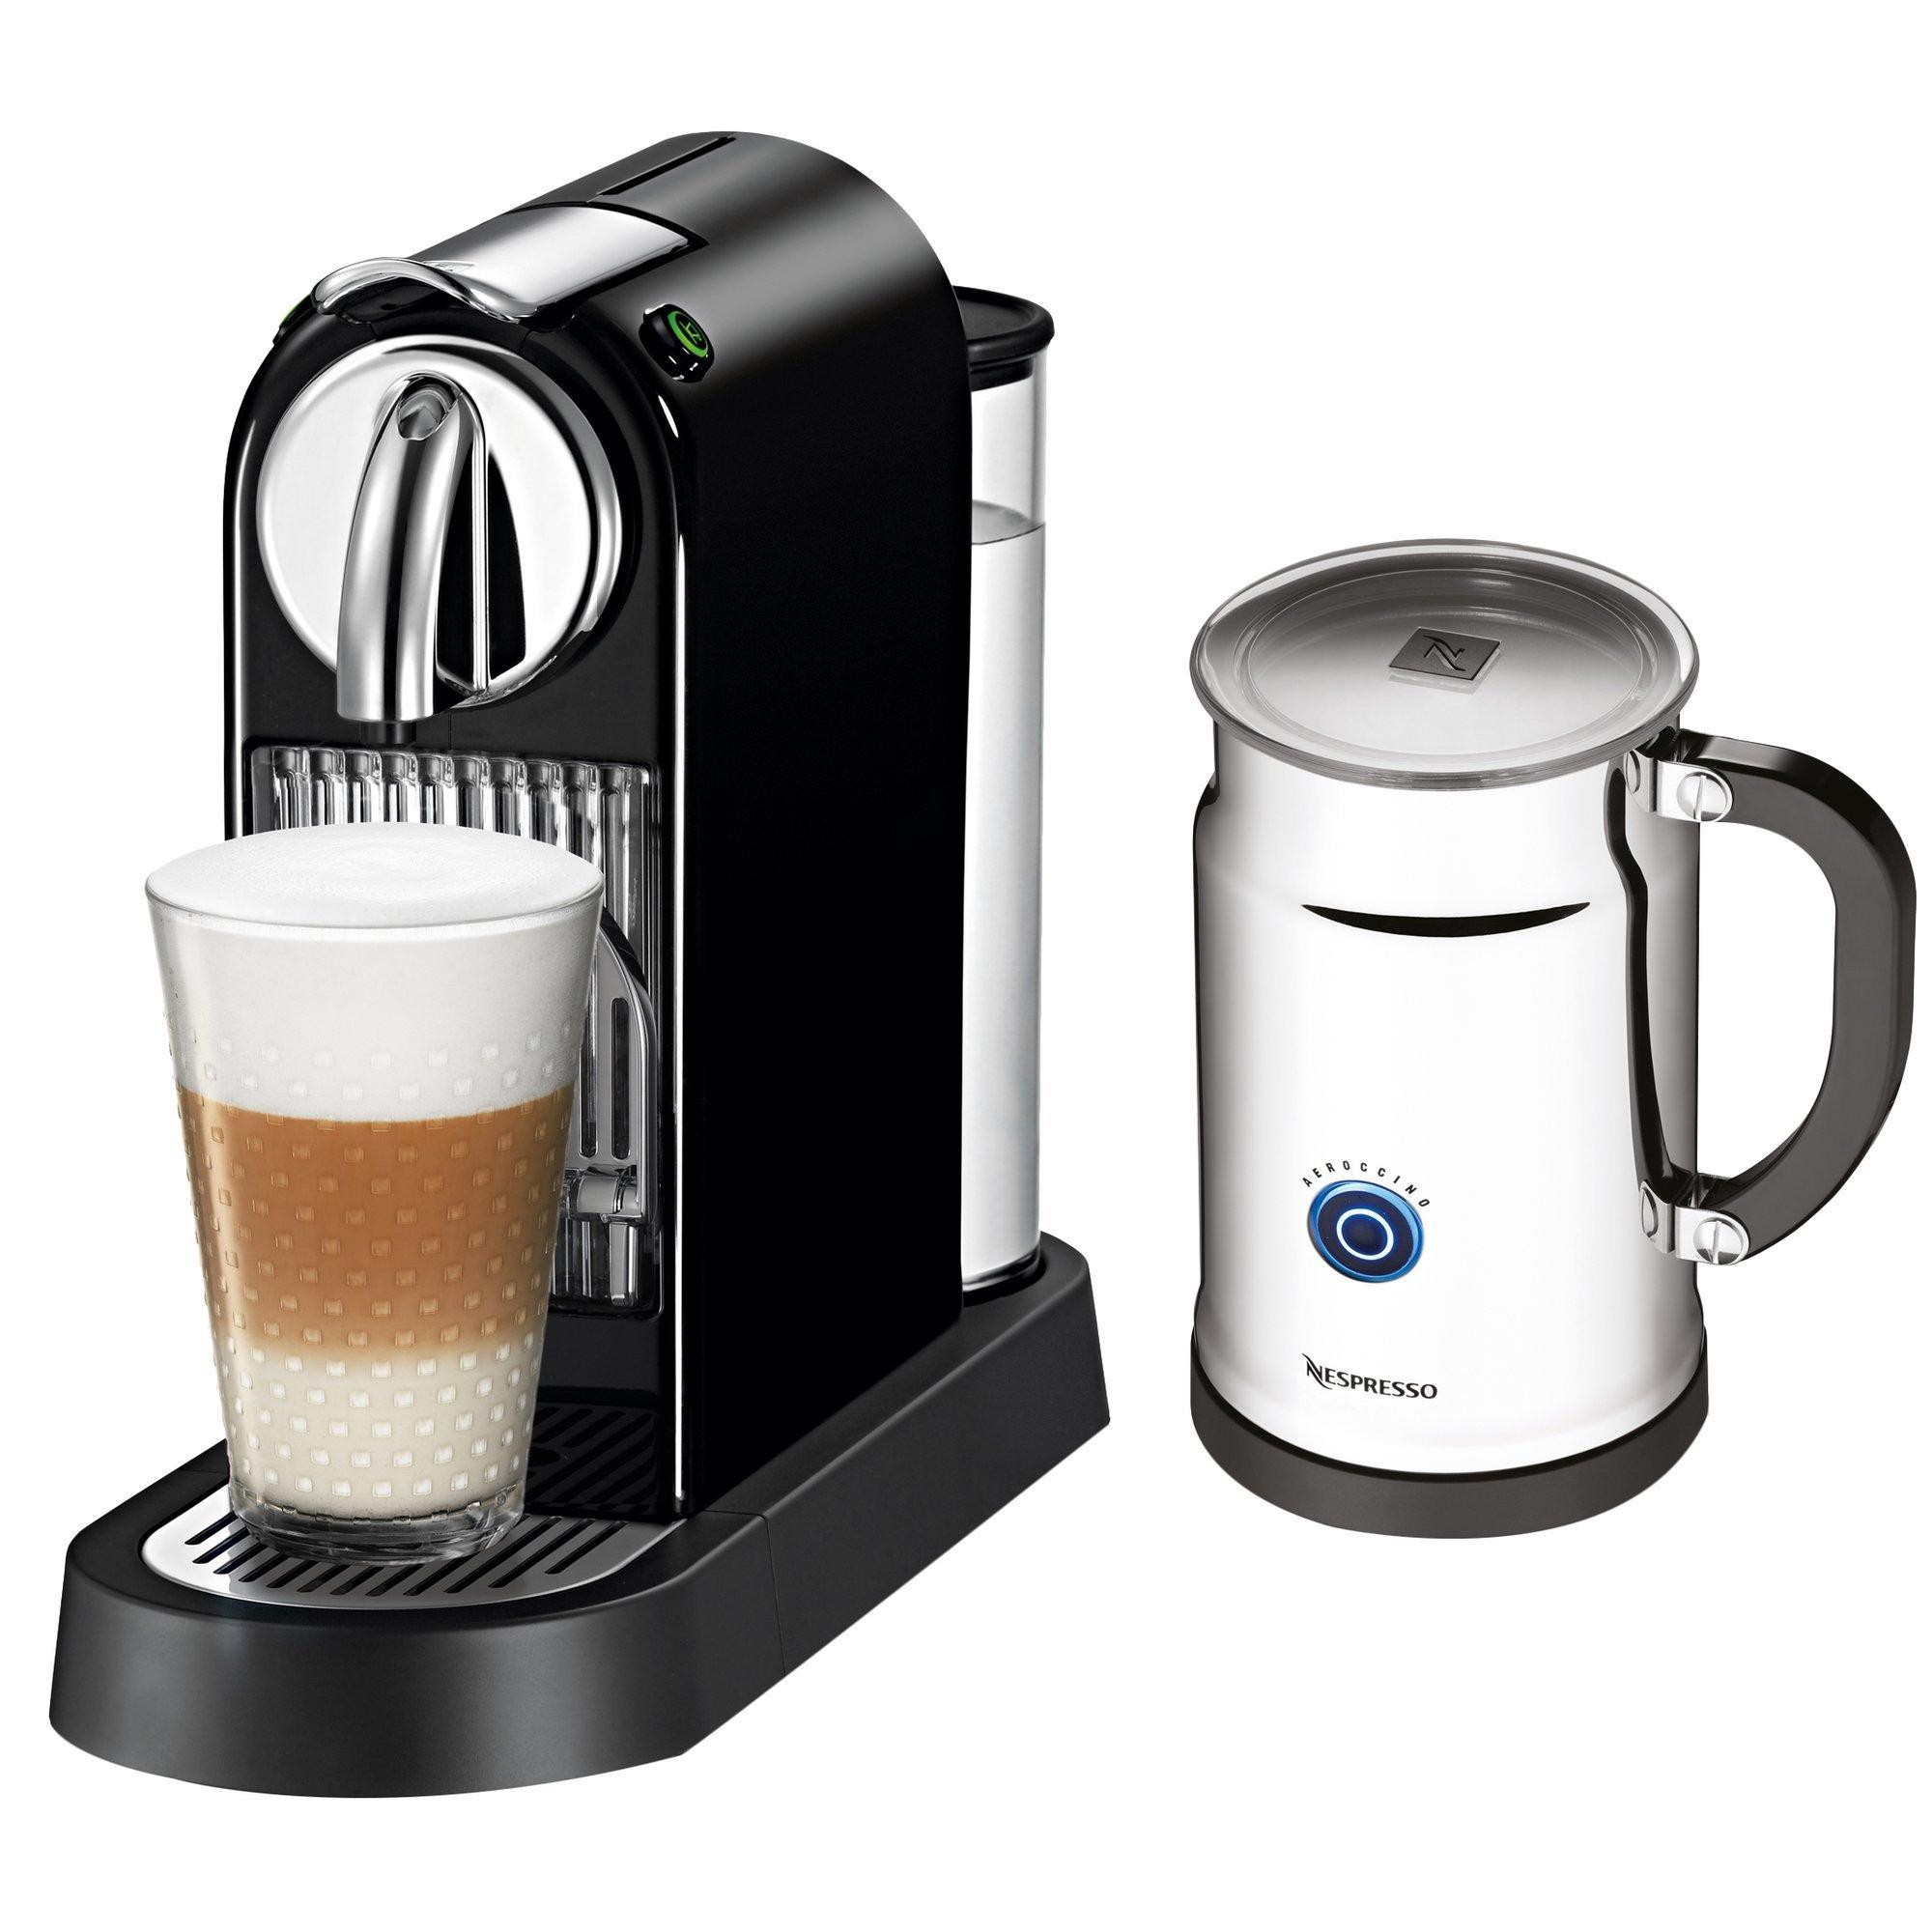 CitiZ Espresso Maker with Aeroccino Milk Frother, Pod Espresso Machine (Limousine Black)